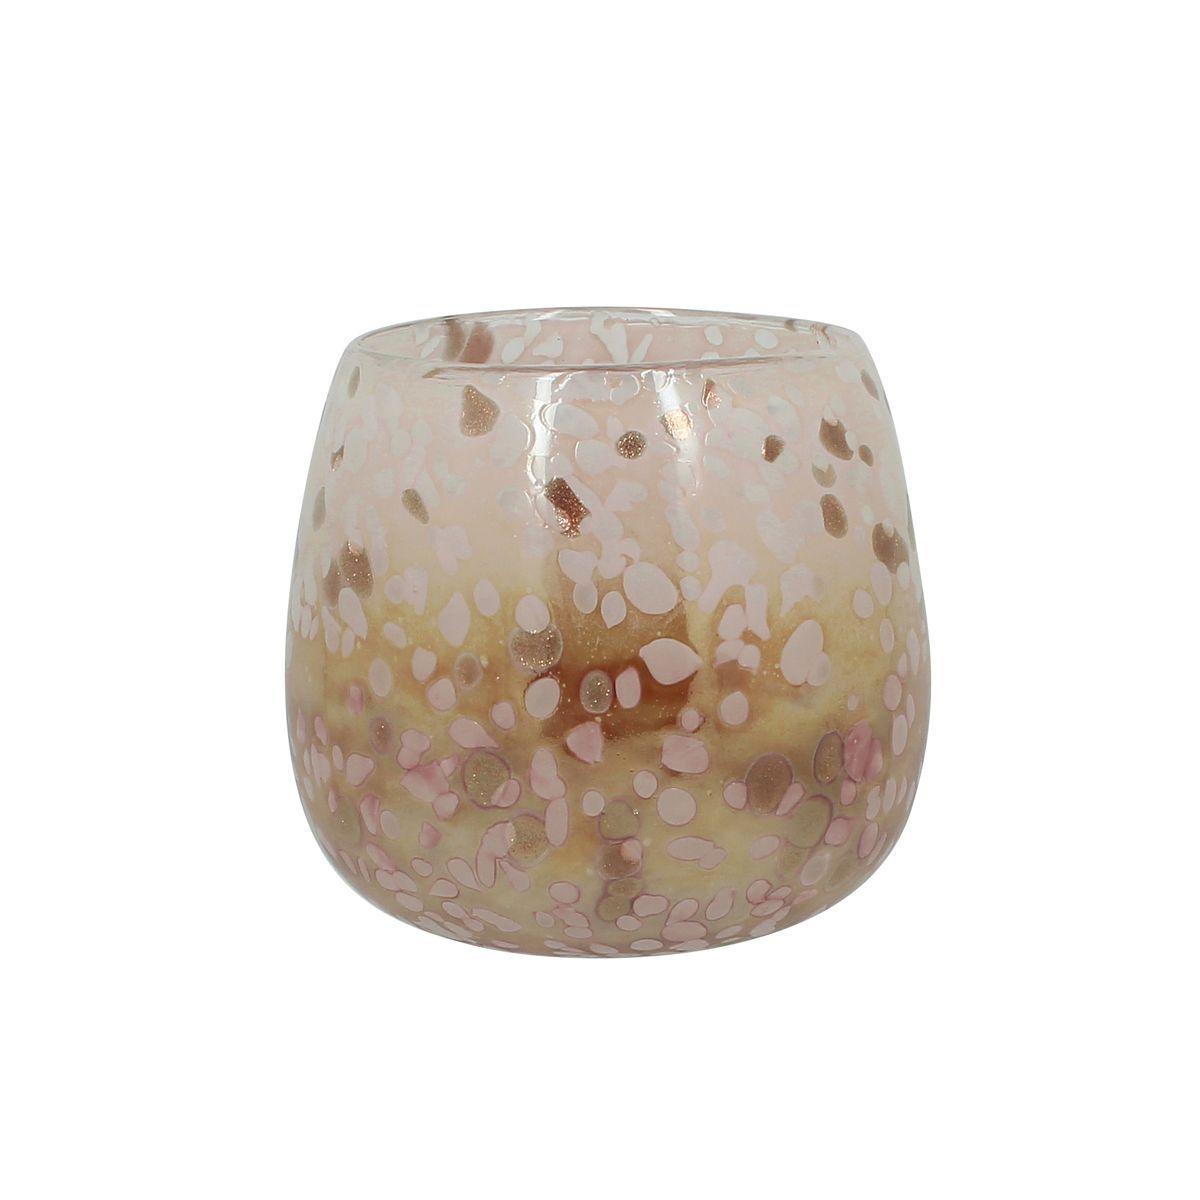 Nows Home Pot en verre soufflé rose poudré H12